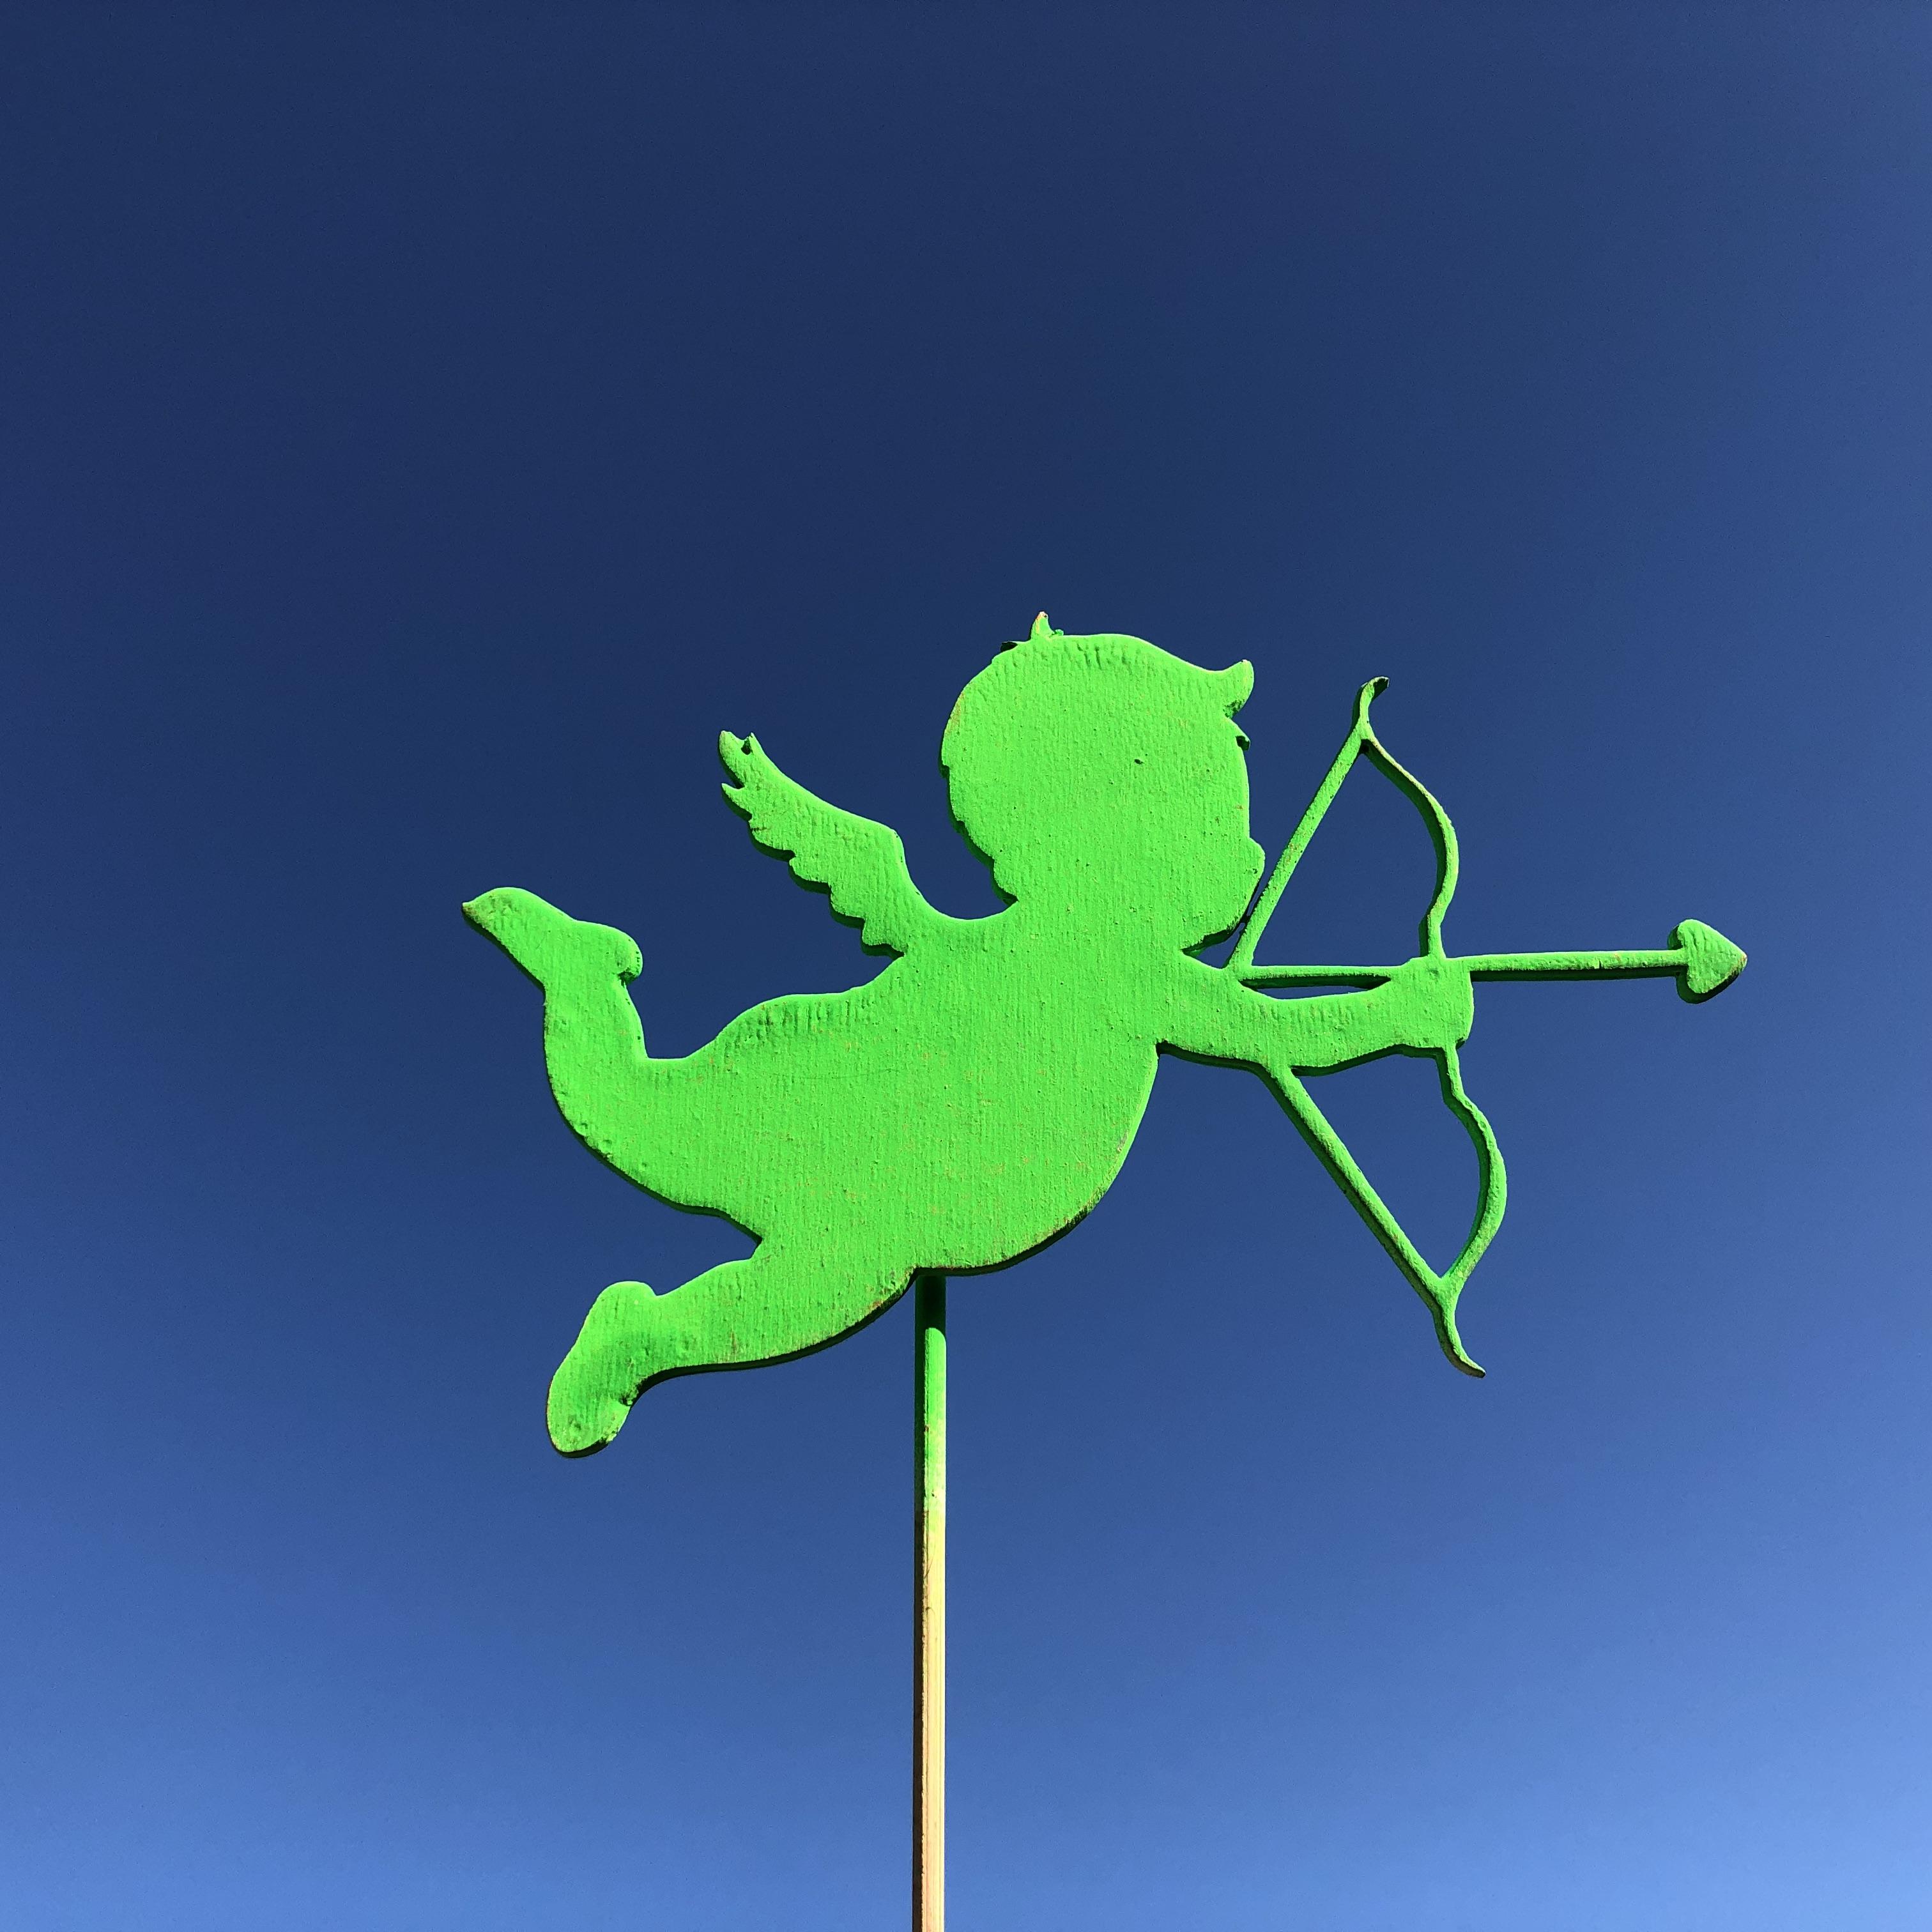 Топпер - «Купидон» Ширины 12 см, длинна палочки 18 см Открытка,Топпер,Хит сезона,В букет - Цена, Стоимость - 20 руб.(доставка по всей России)